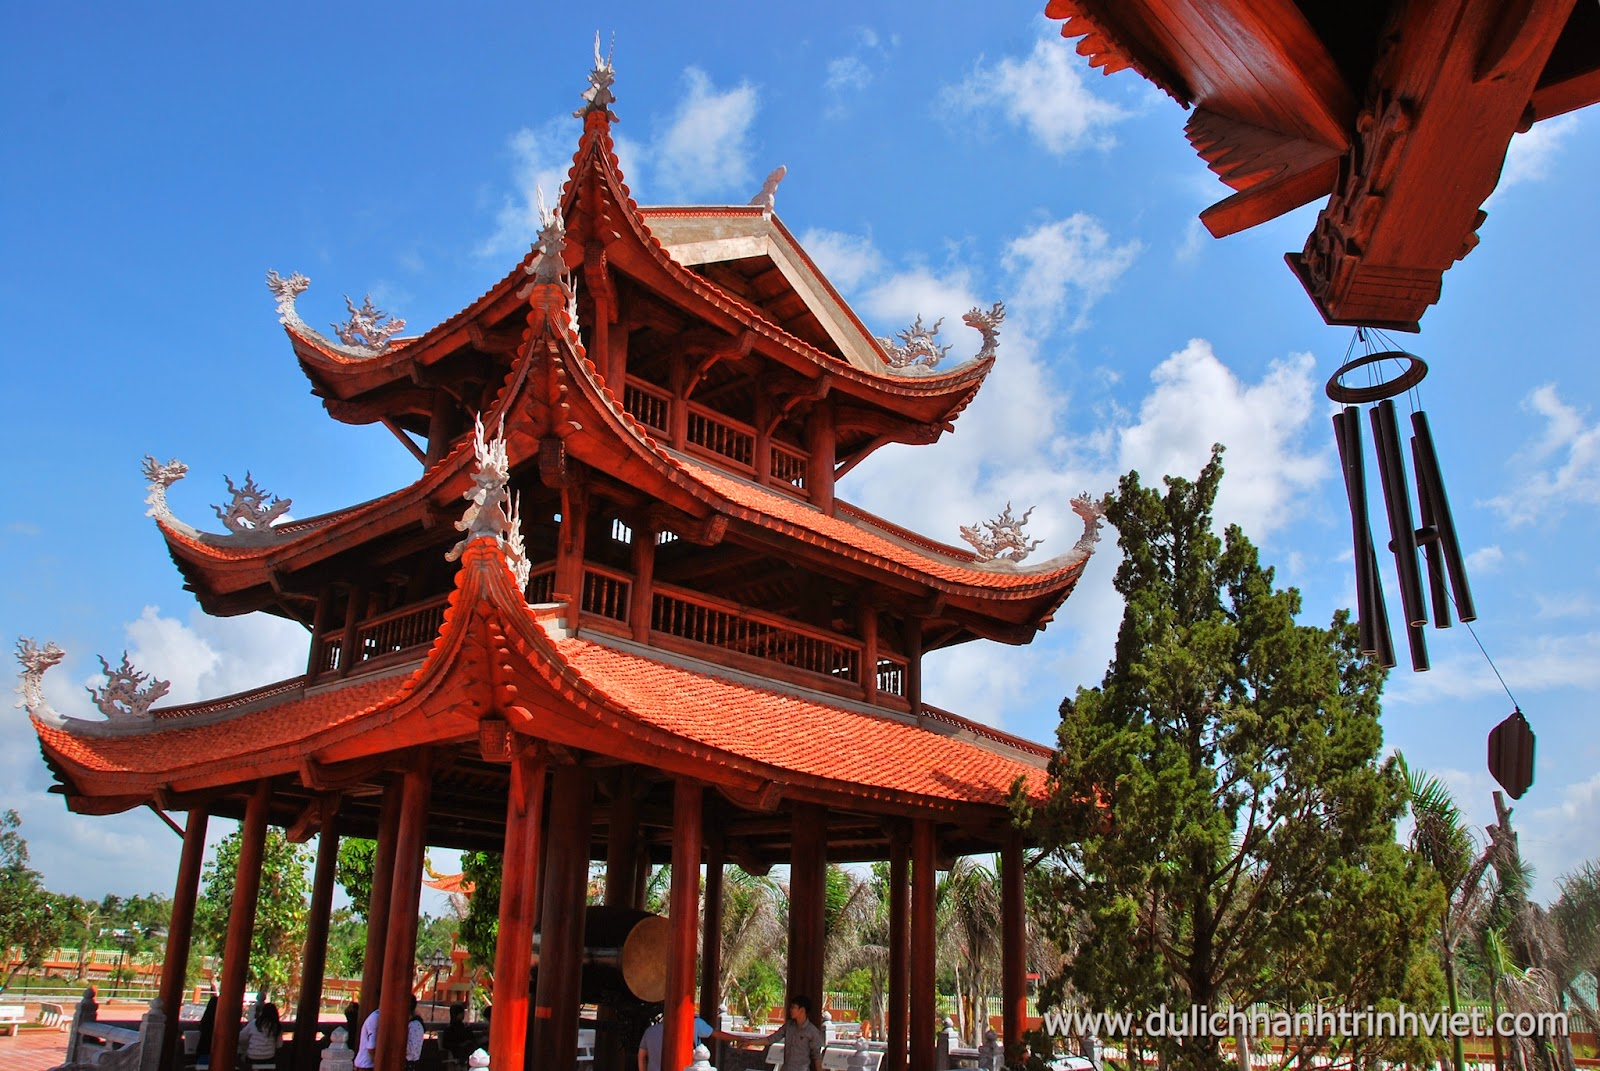 Tham quan Thiền Viện Phương Nam, Mỹ Khánh, Cần Thơ